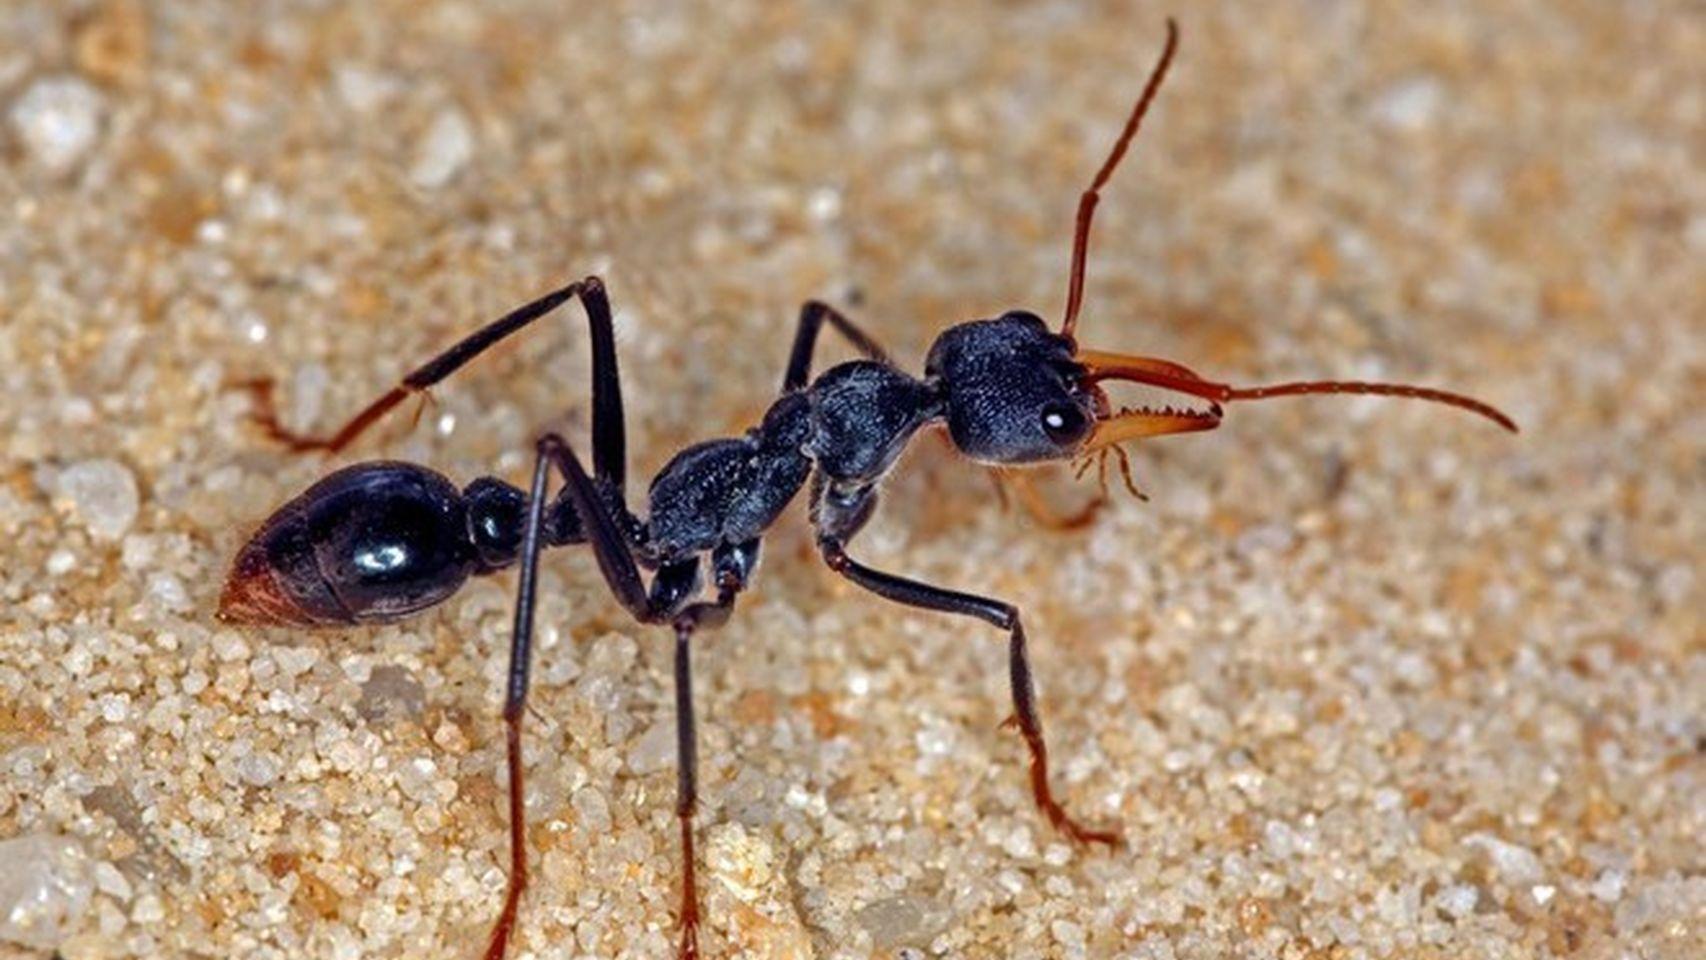 La hormiga más peligrosa.